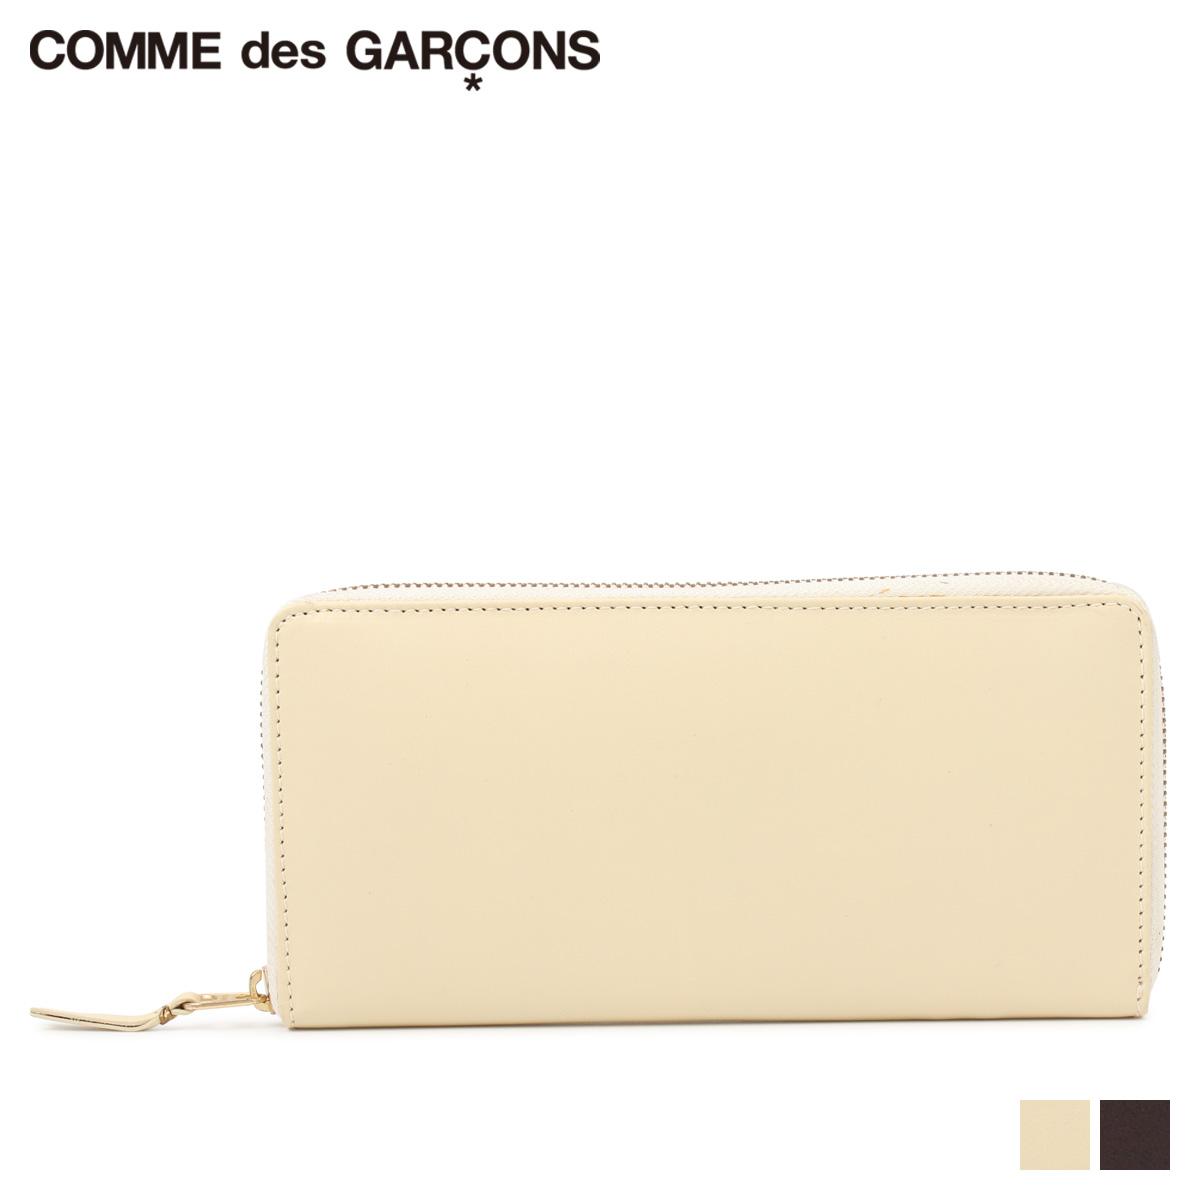 COMME des GARCONS コムデギャルソン 財布 長財布 メンズ レディース ラウンドファスナー WALLET ホワイト ブラウン 白 SA0110